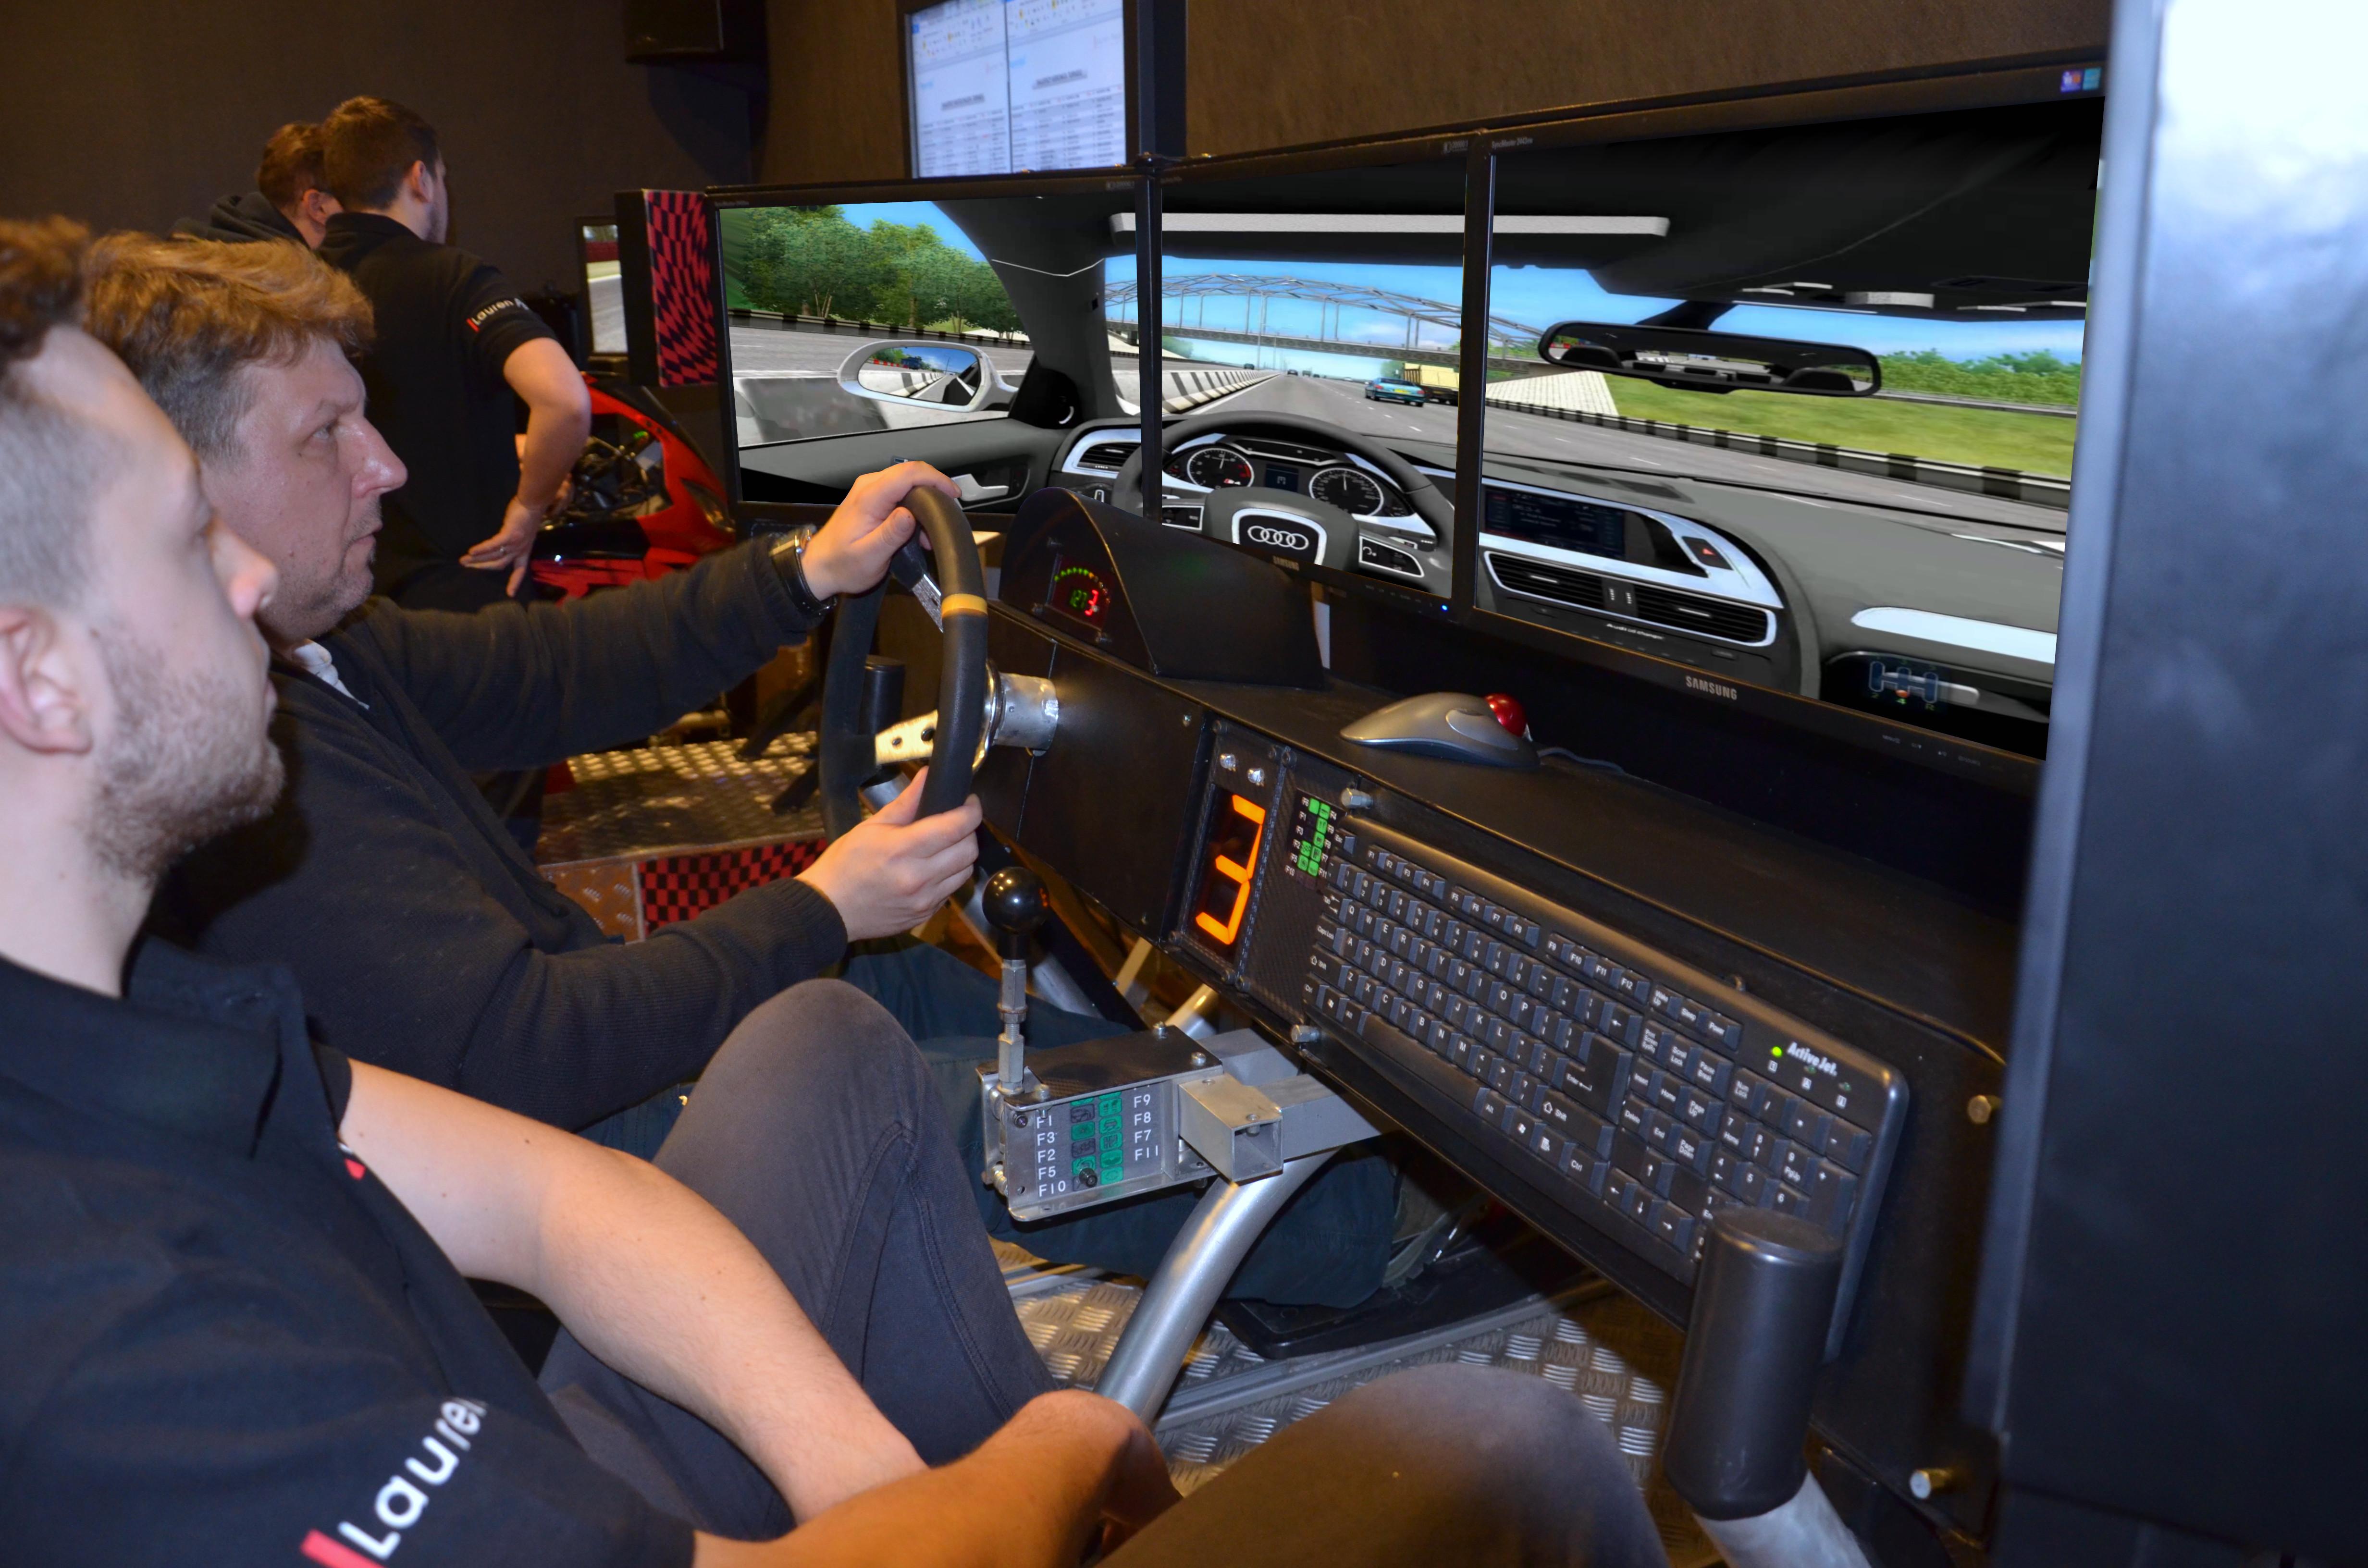 Symulator Jazdy miejskiej PRO - 4 - atrakcje na event warszawa